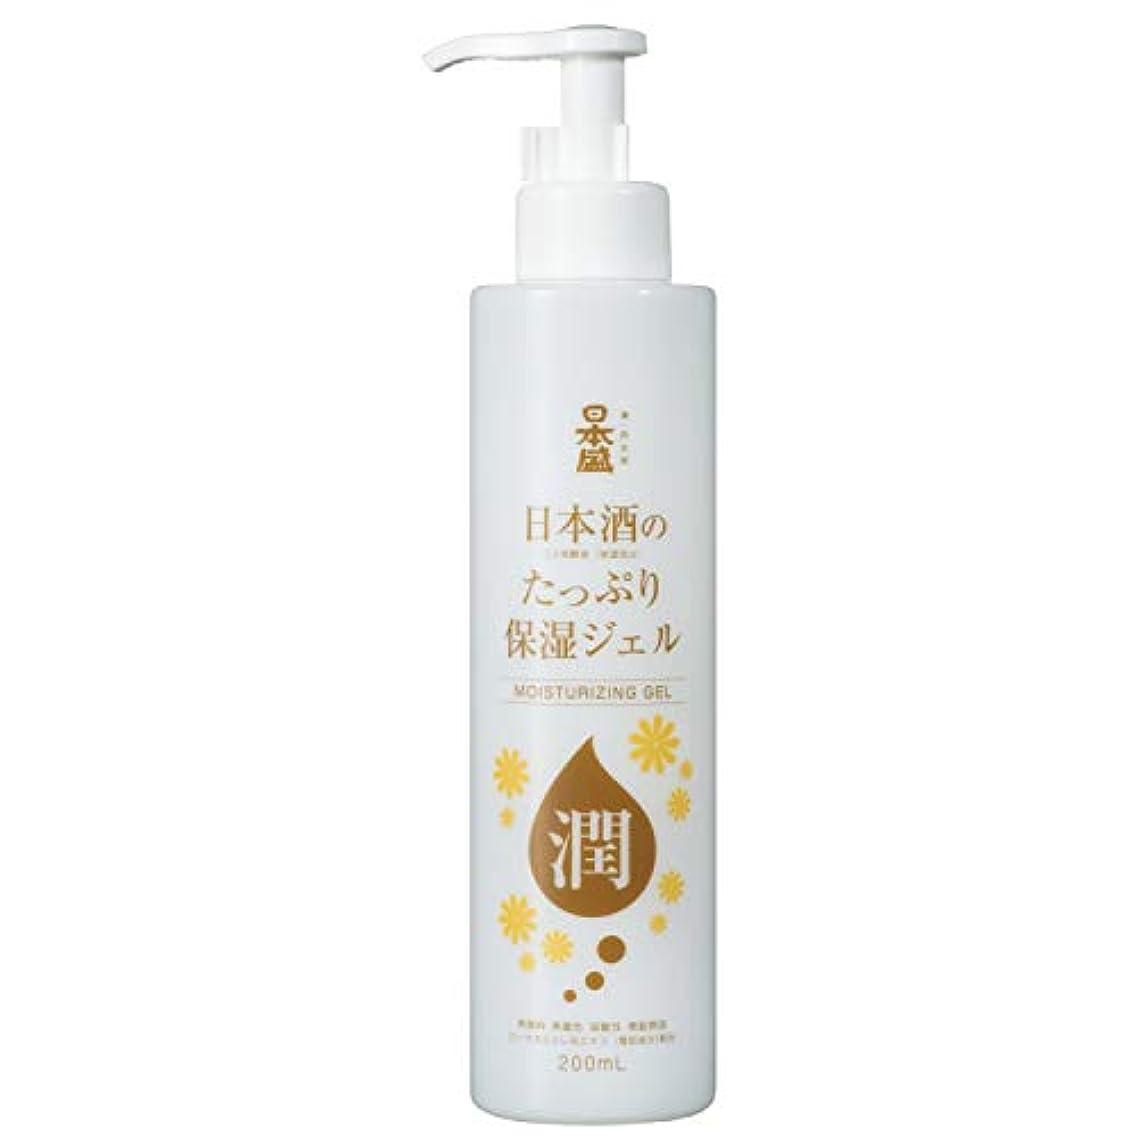 シーサイドメインジョットディボンドン日本盛 日本酒のたっぷり保湿ジェル 200ml (無香料 無着色 純米酒)